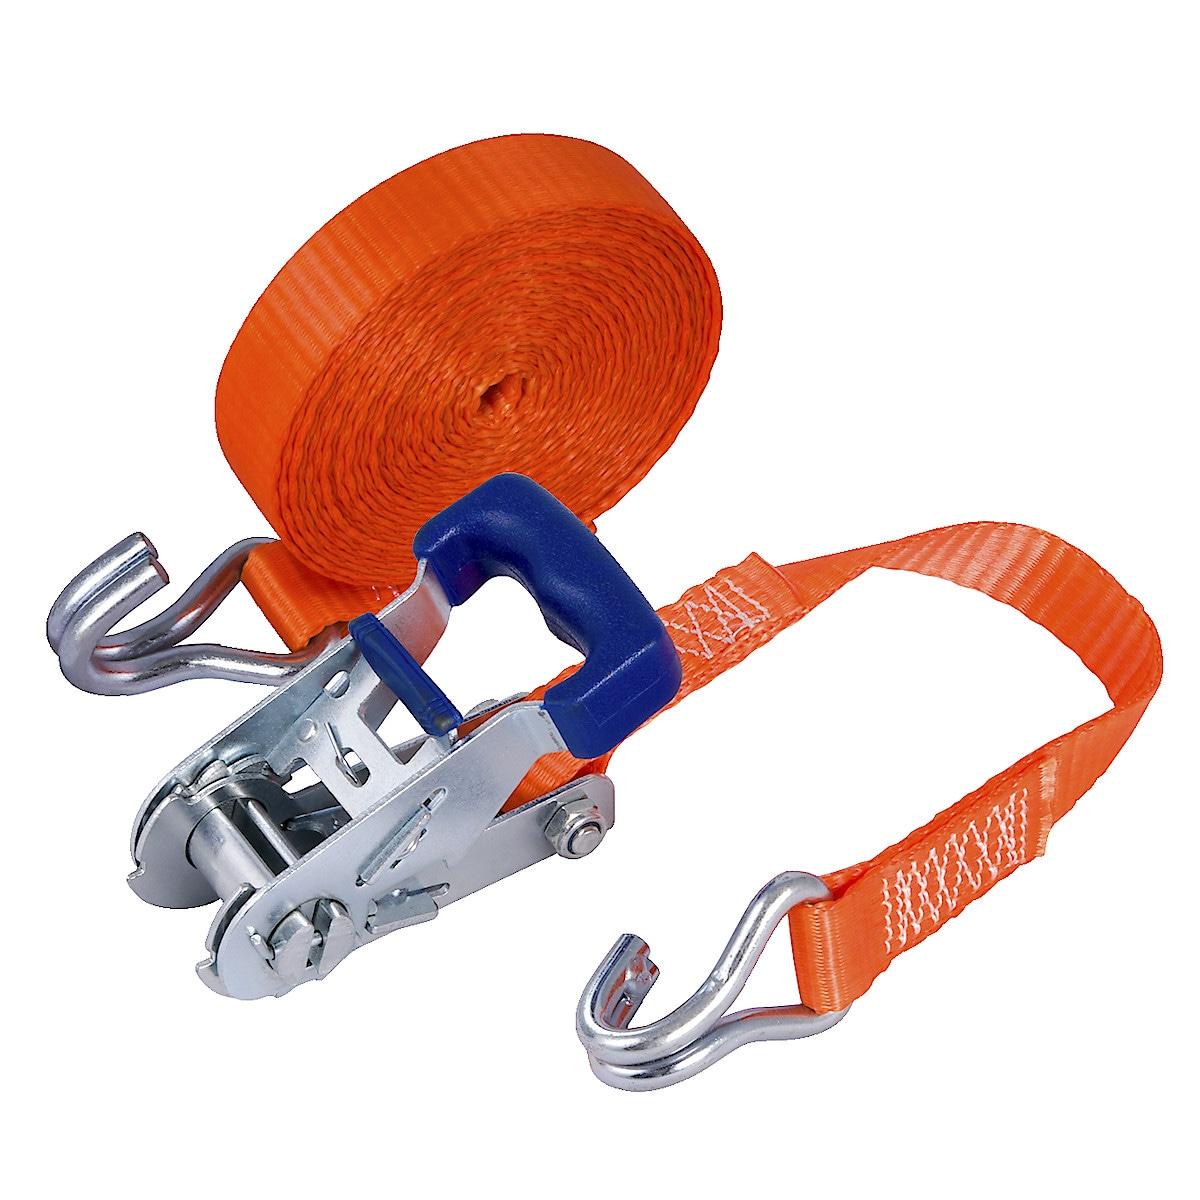 Spännband med lastspännare Premium 25